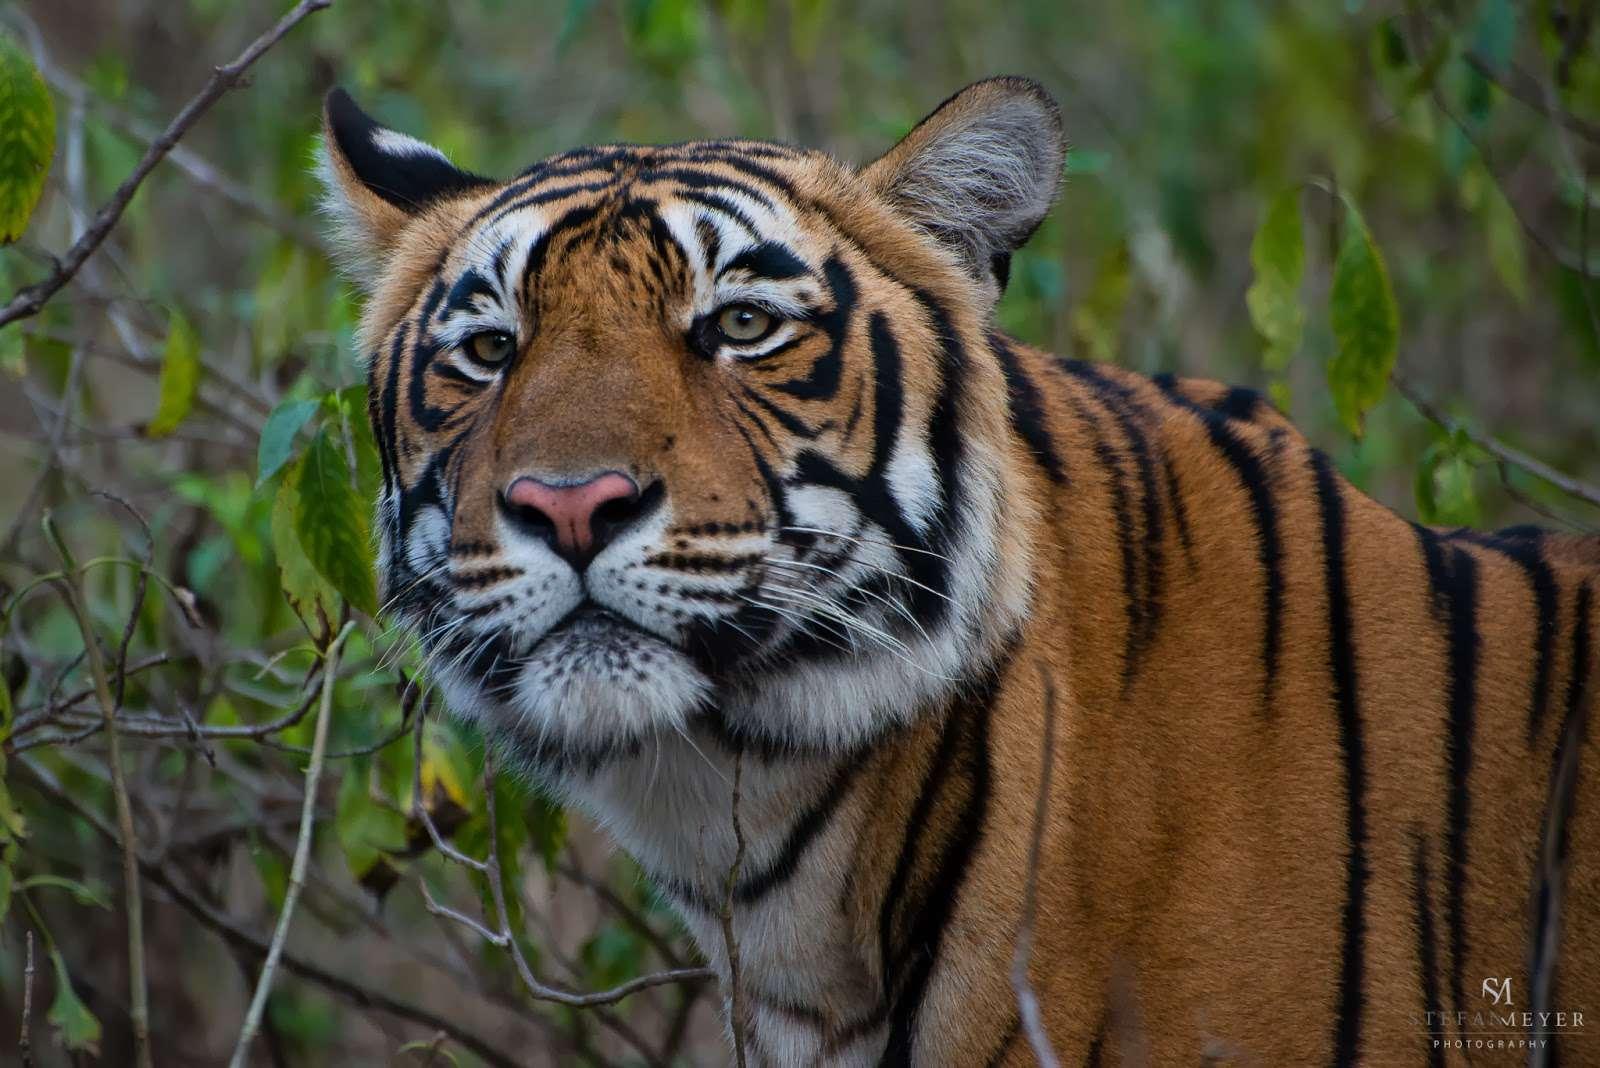 Tigre - Inde : Stefan Meyer Travel Blog – L'Inde et la redéfinition de la normalité